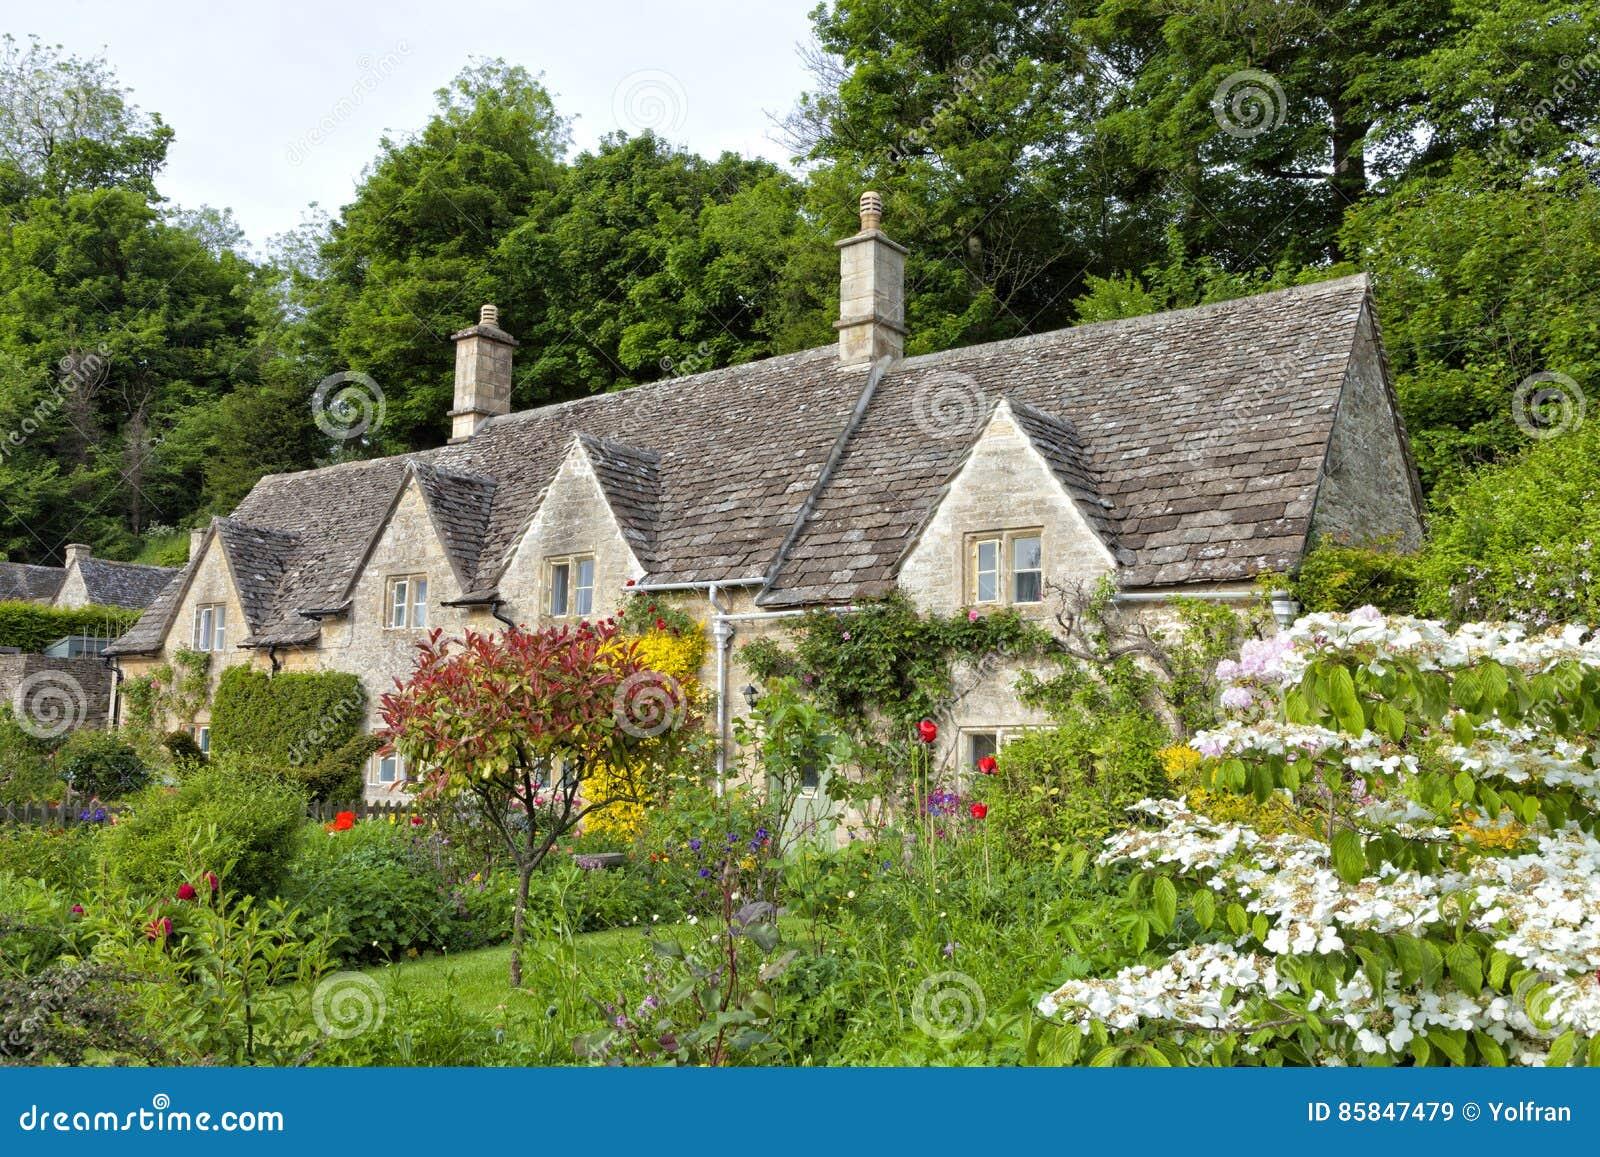 casas colorido flores jardines